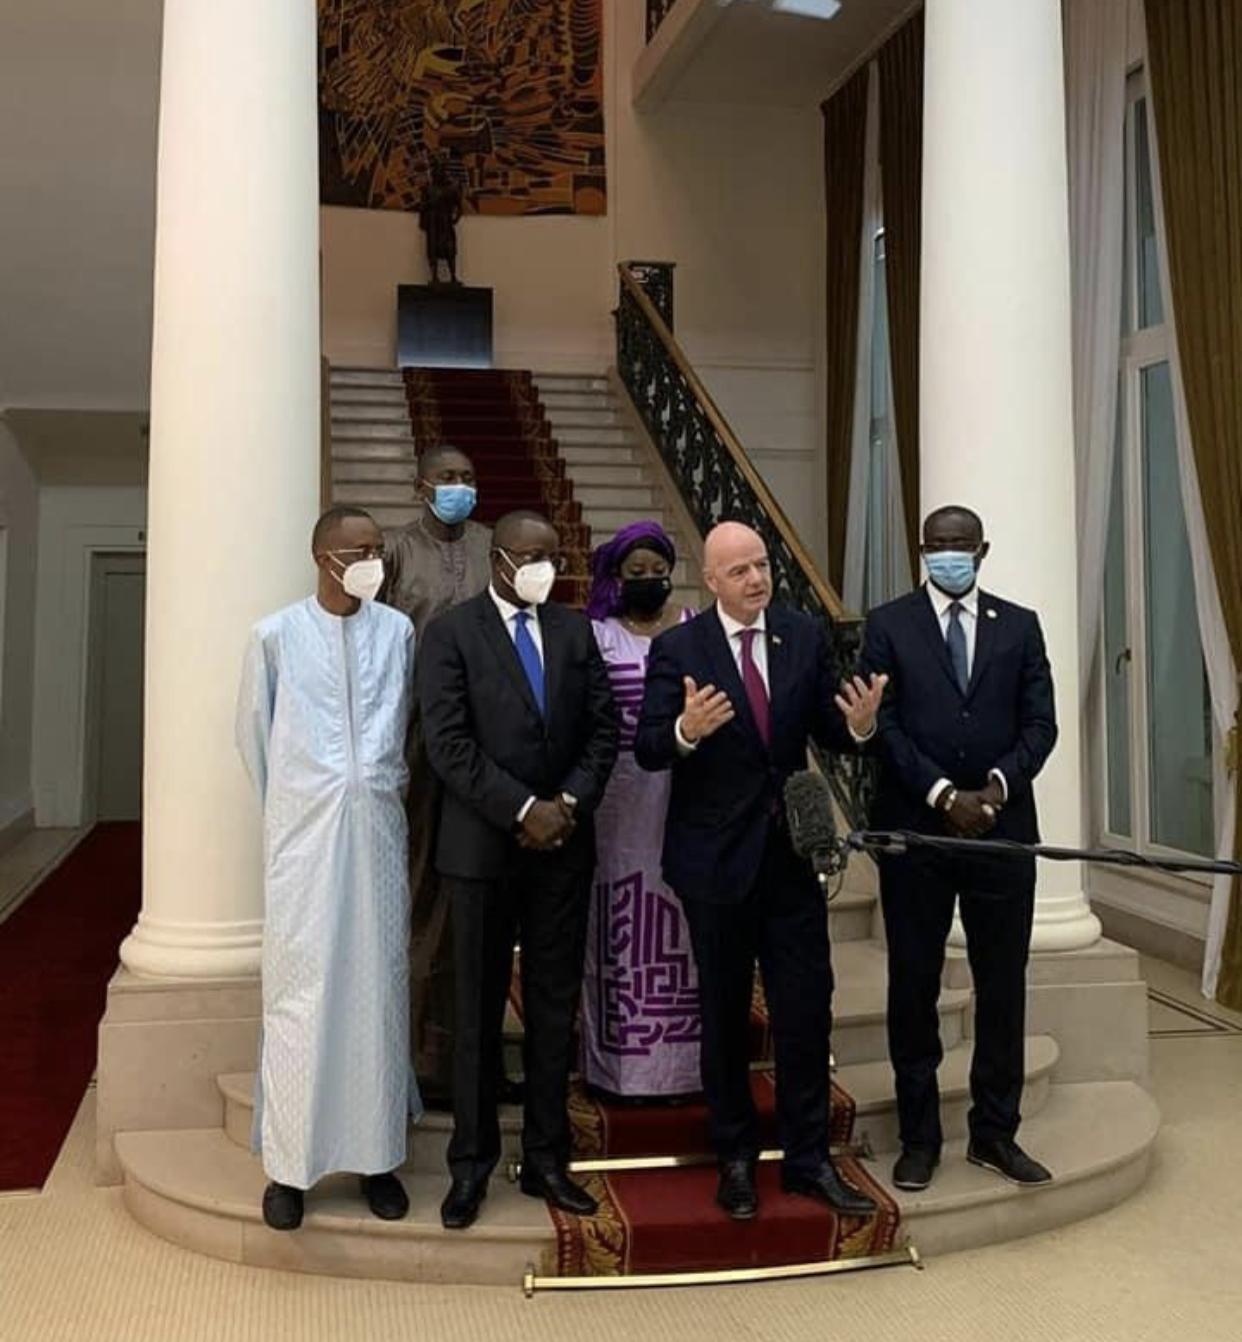 Gianni Infantino (président de la FIFA) : «Le Sénégal doit jouer un rôle important dans le football mondial»